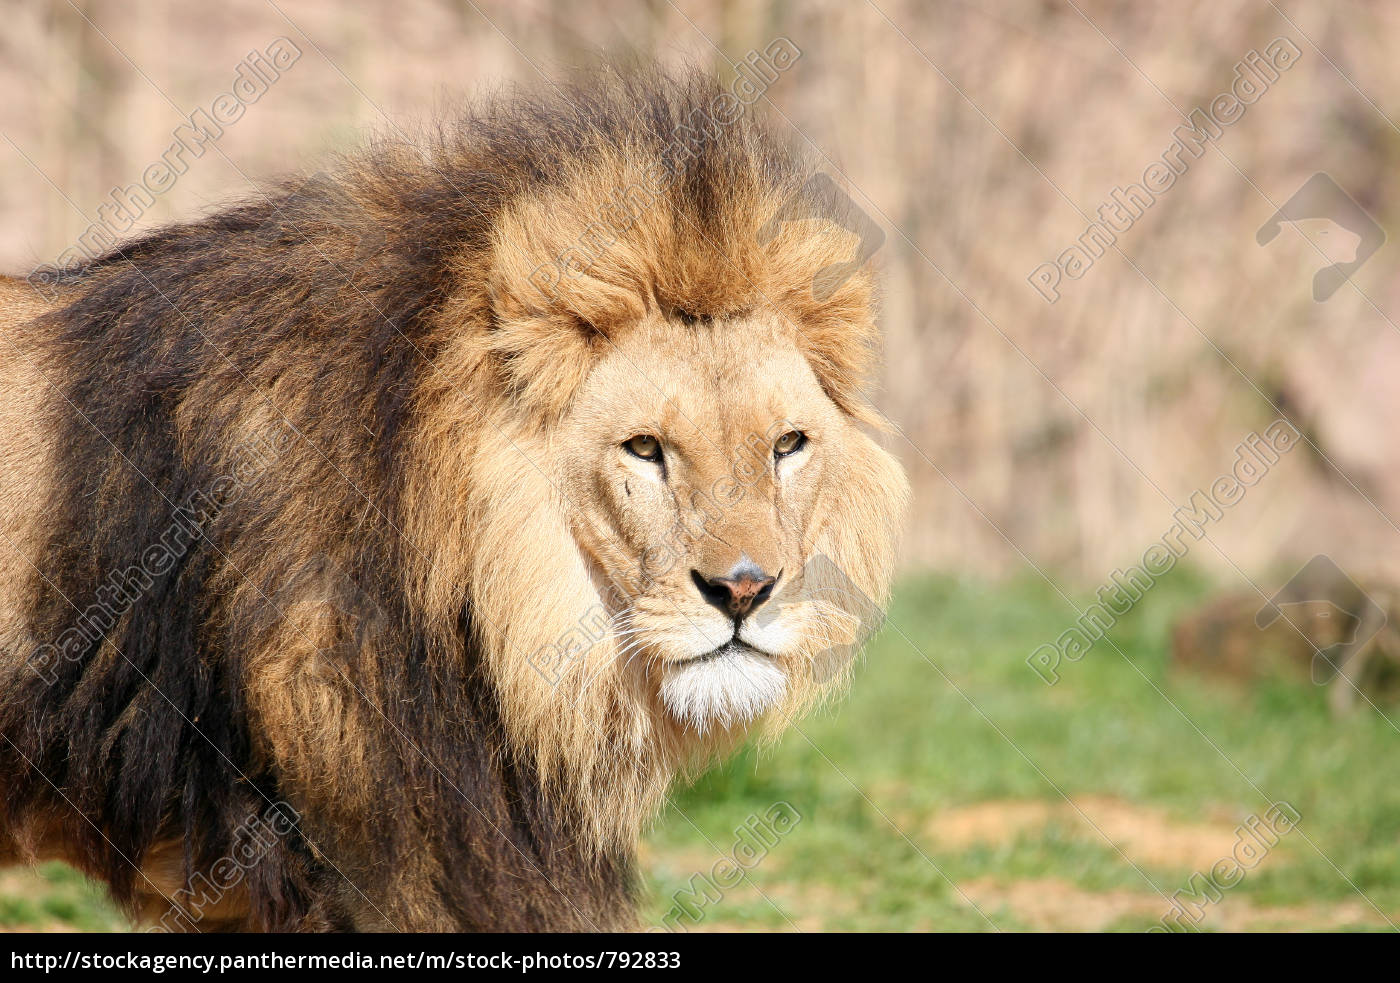 lion, portrait - 792833